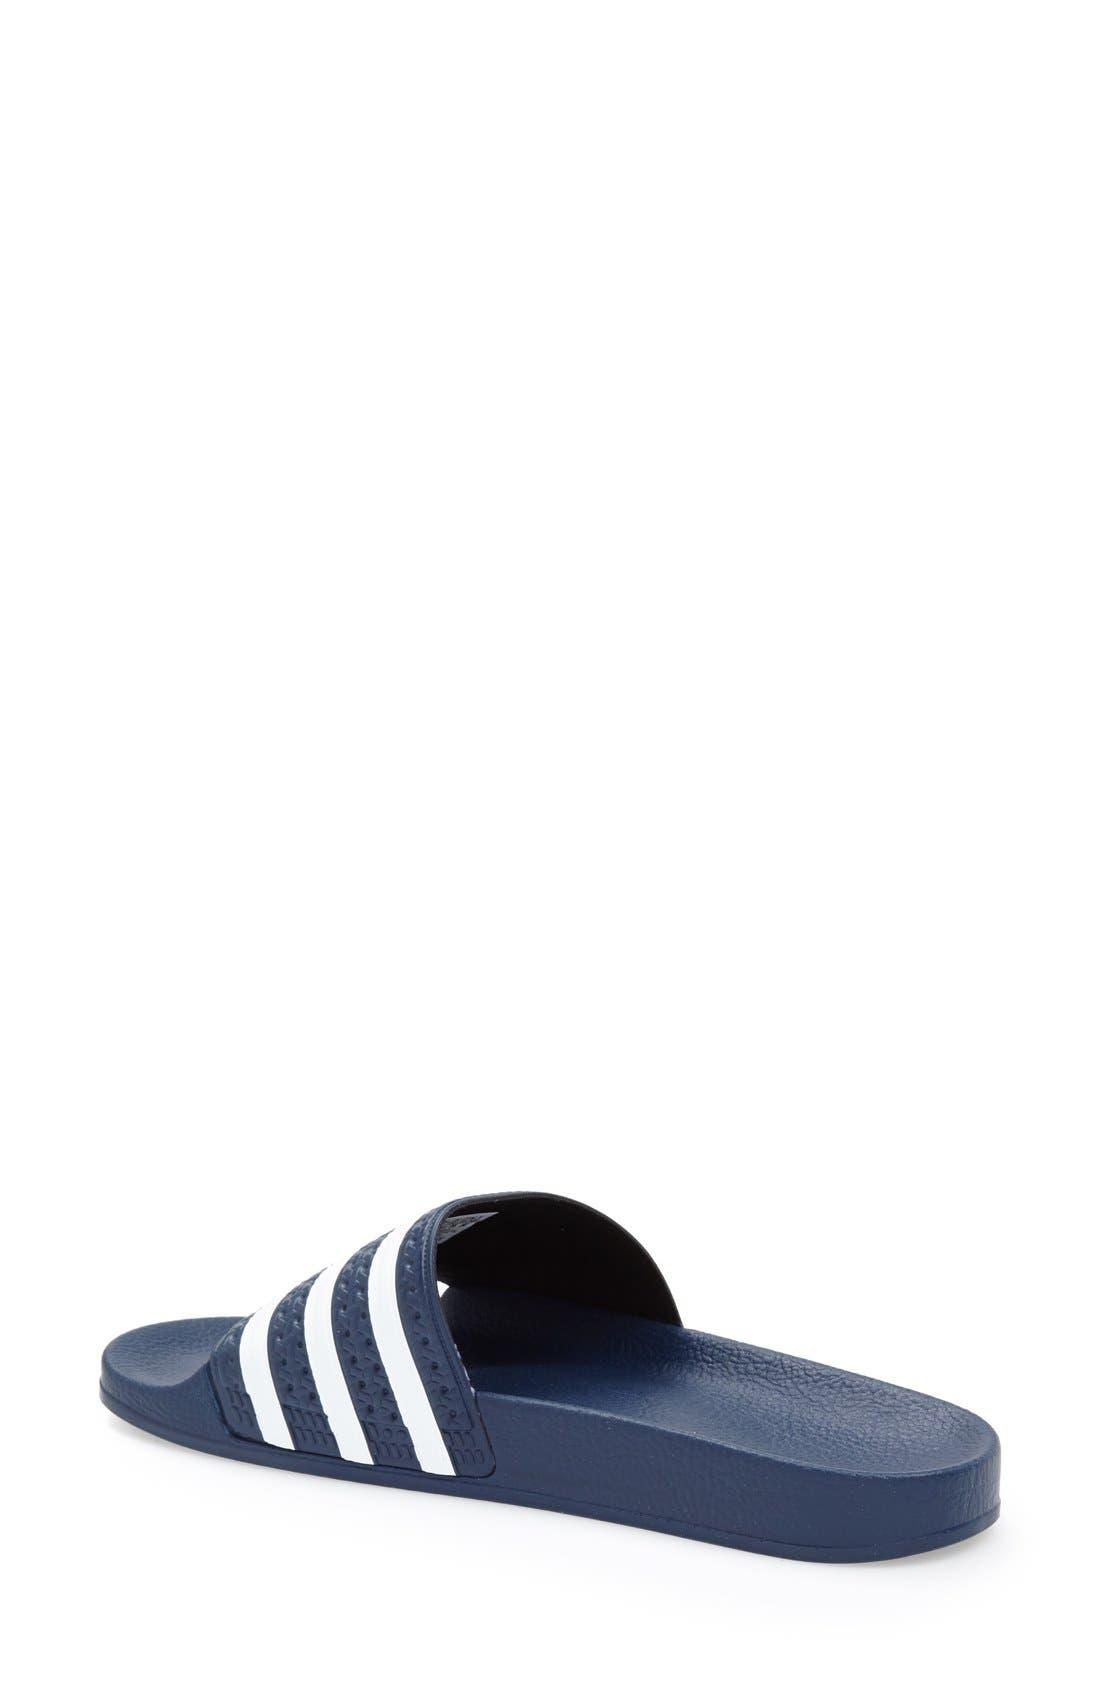 ADIDAS, 'Adilette' Slide Sandal, Alternate thumbnail 3, color, NEW NAVY/ WHITE